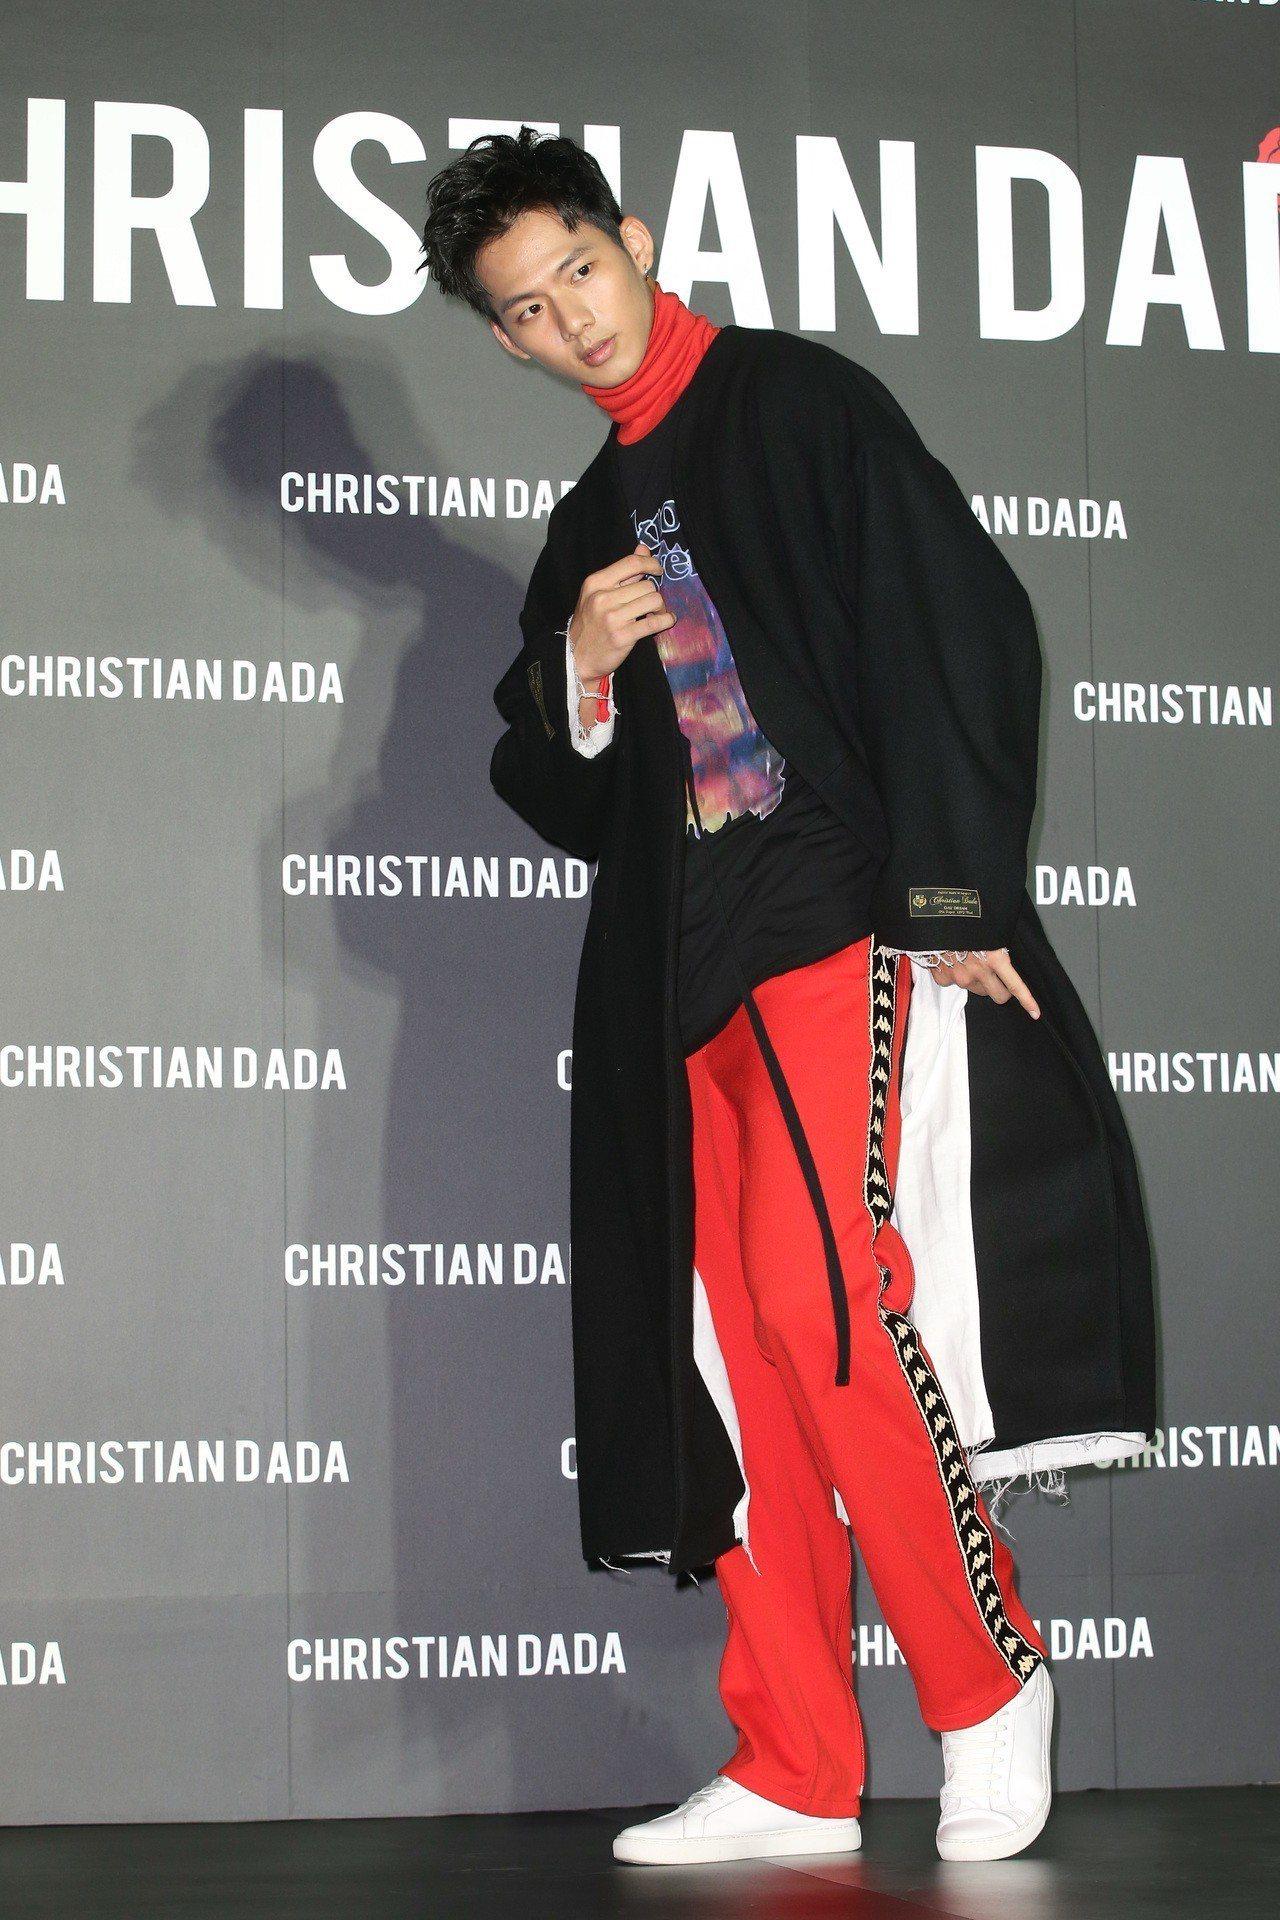 吳念軒出席Christian Dada旗艦店開幕活動,身穿羊毛和服領大衣29,9...